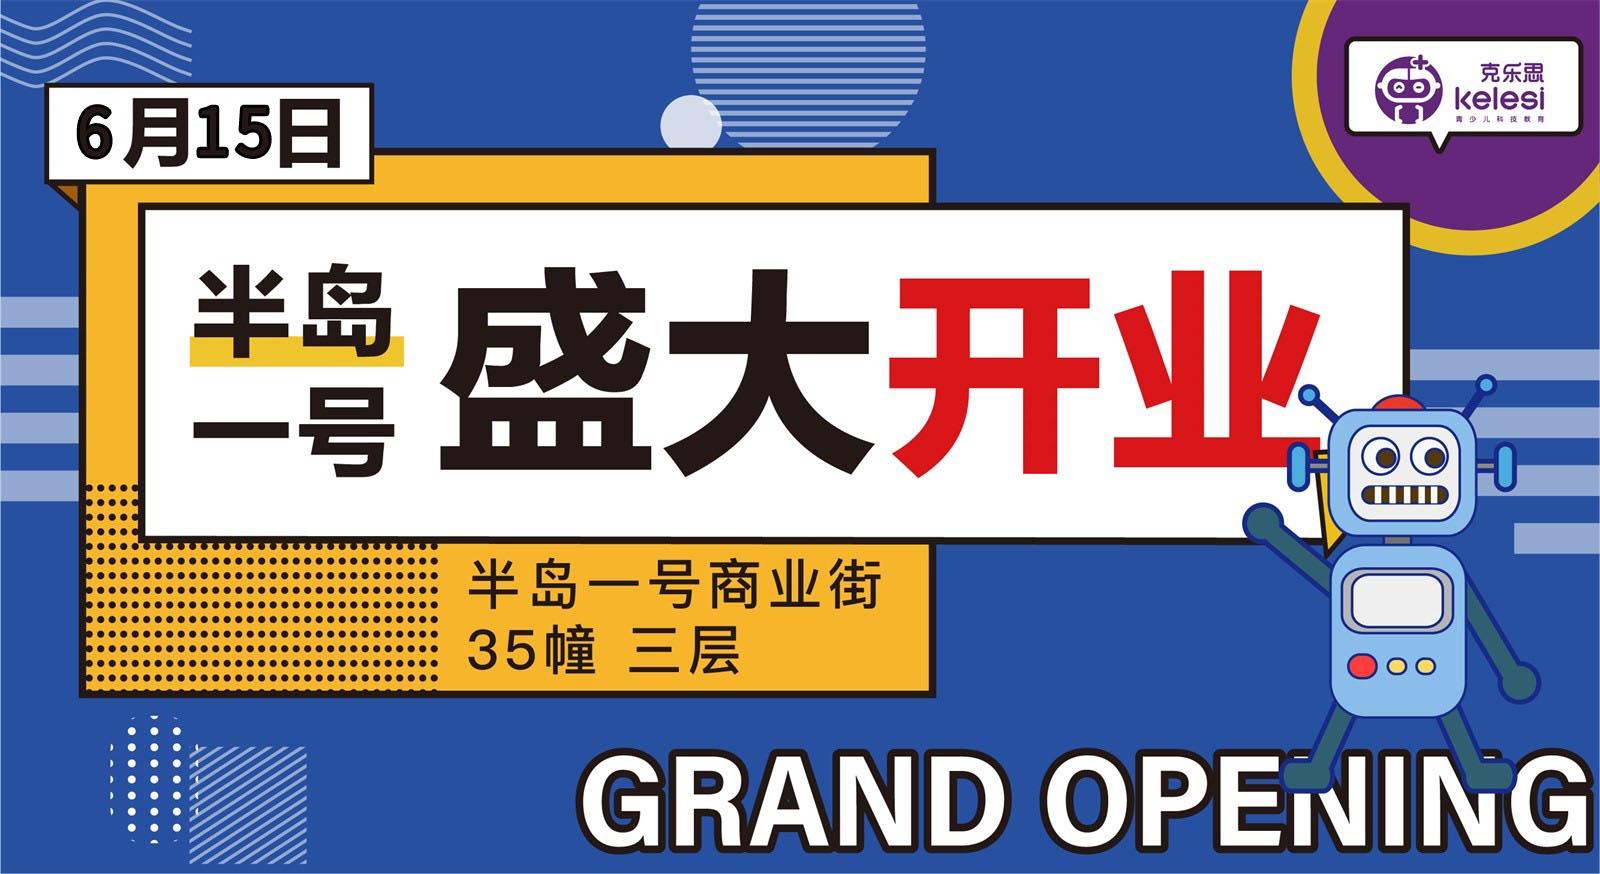 6月15日克乐思北城半岛一号科技馆华丽揭幕!